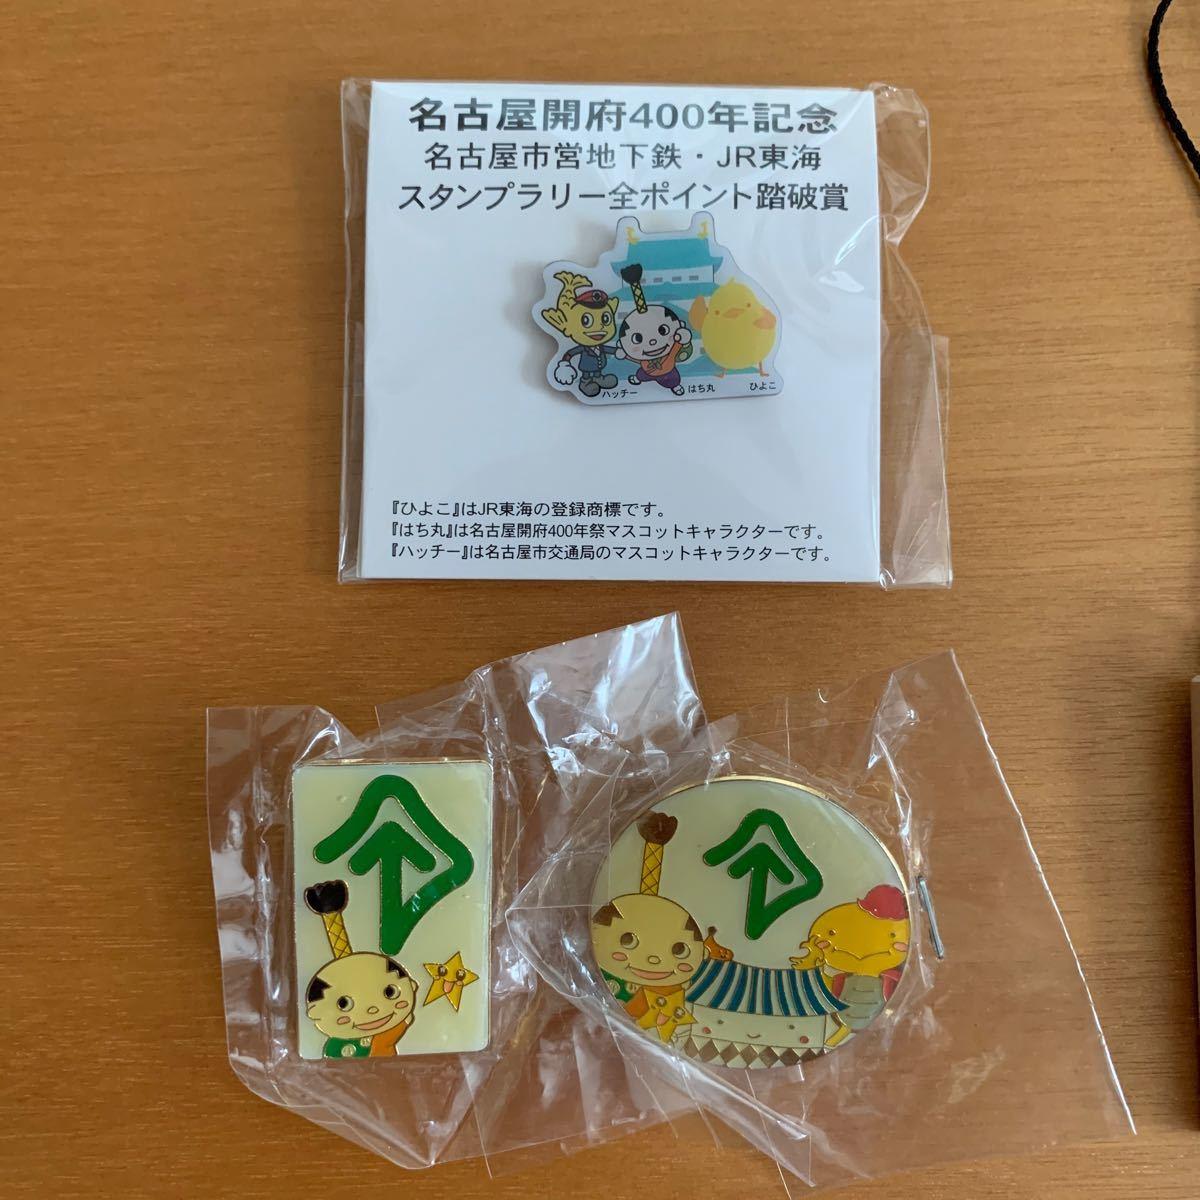 名古屋開府400年記念 はち丸  ピンバッジ 缶バッジ ストラップ 5個